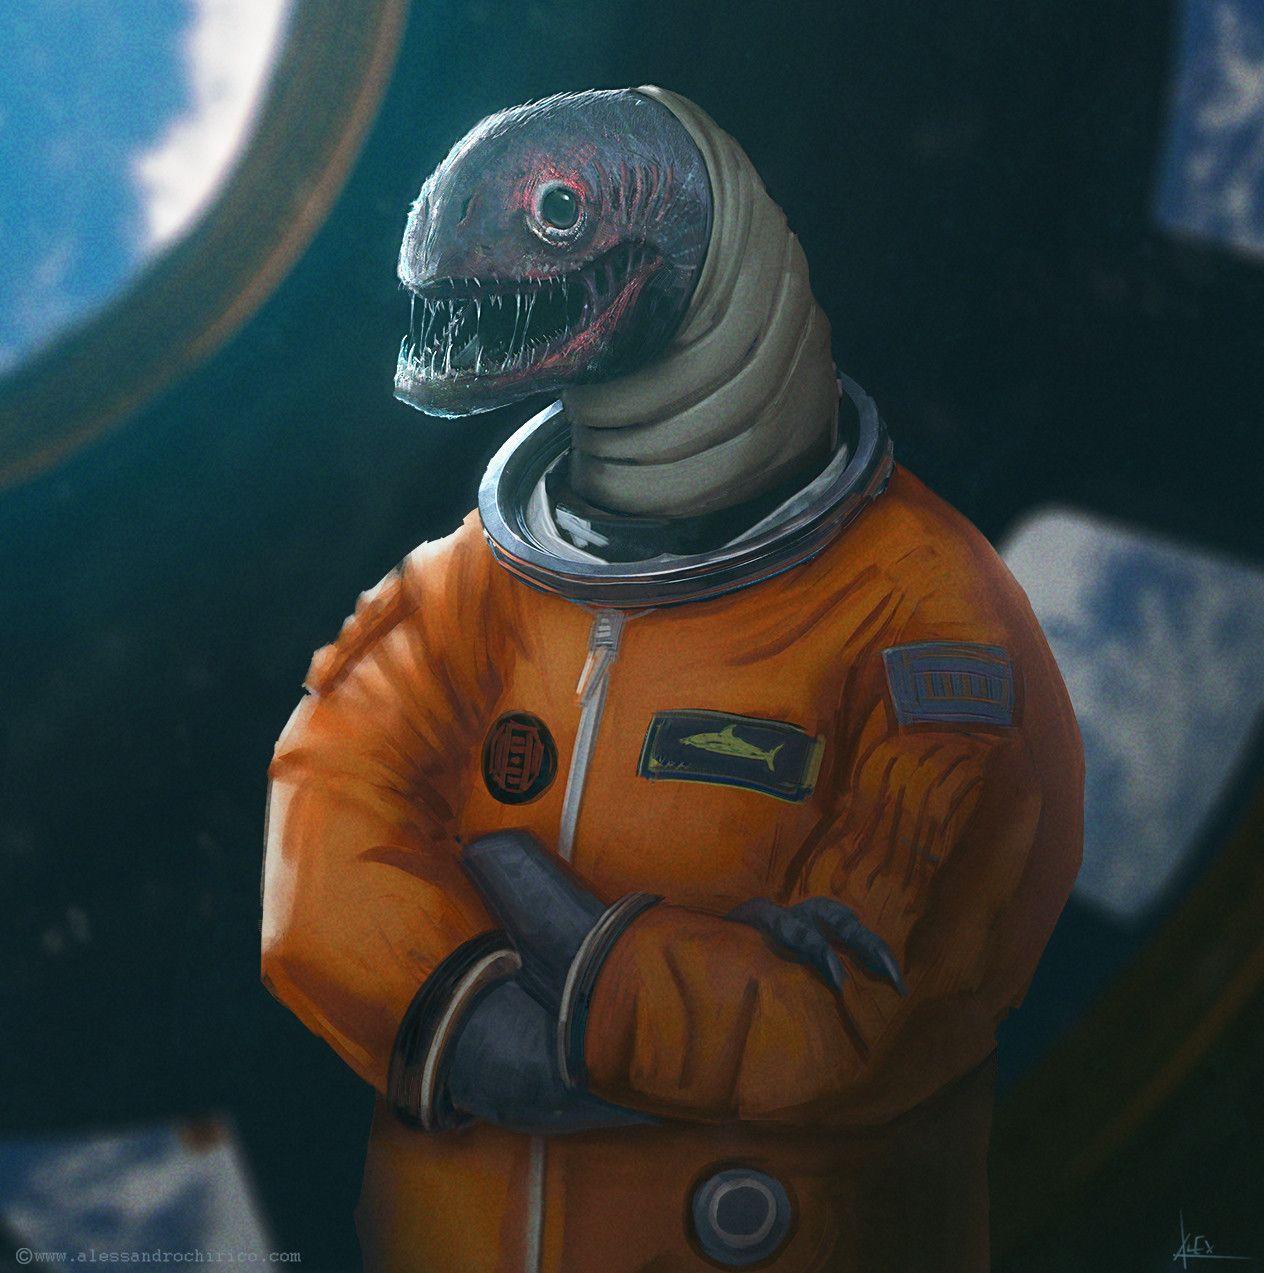 Astronaut, Alessandro Chirico on ArtStation at https://www.artstation.com/artwork/eQr5J